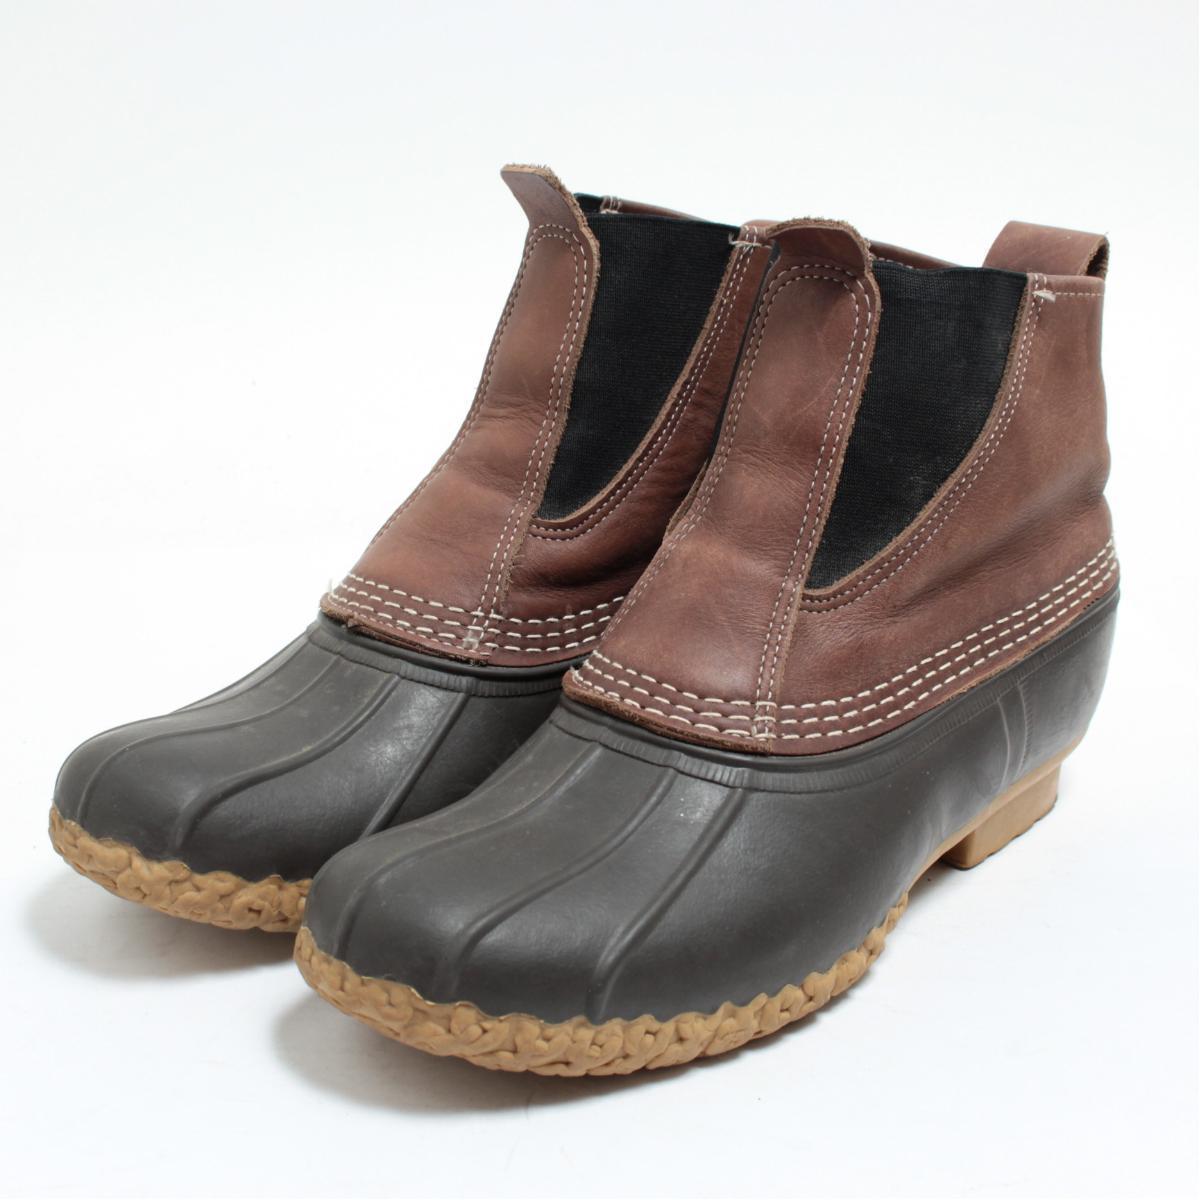 エルエルビーン L.L.Bean サイドゴア ビーンブーツ ハンティングブーツ USA製 メンズ27.0cm /boj7818 【中古】 【171123】